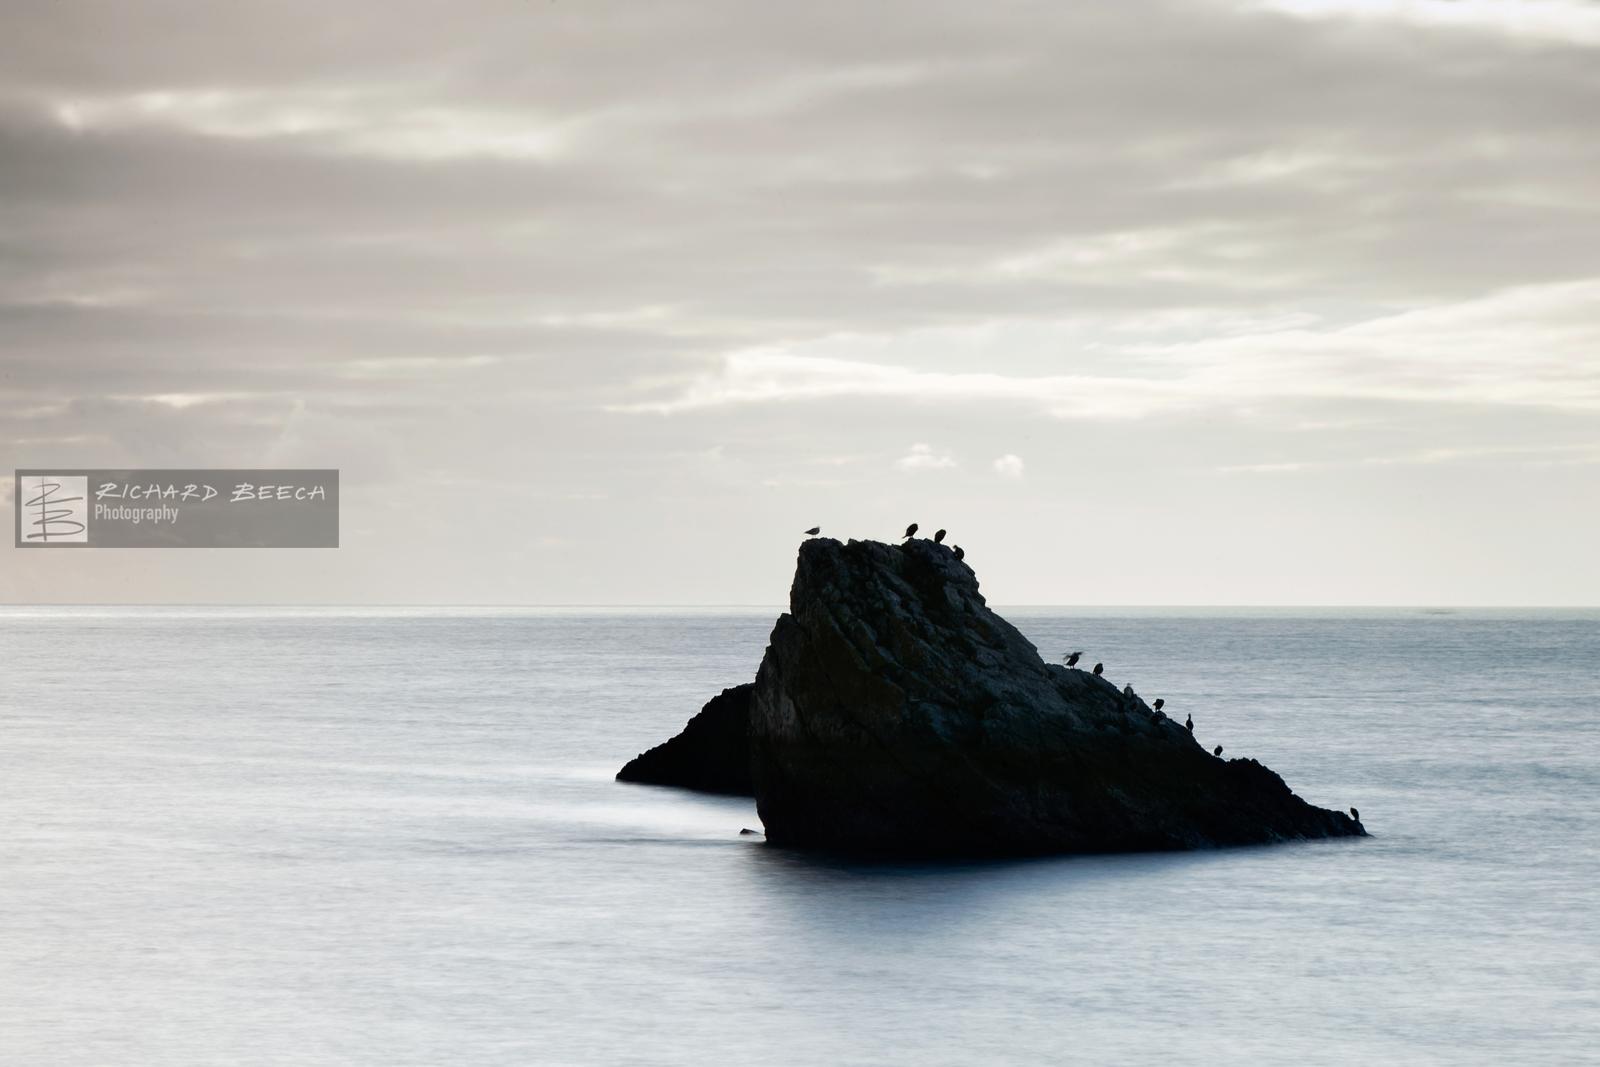 cormorantrockoct1511600.jpg